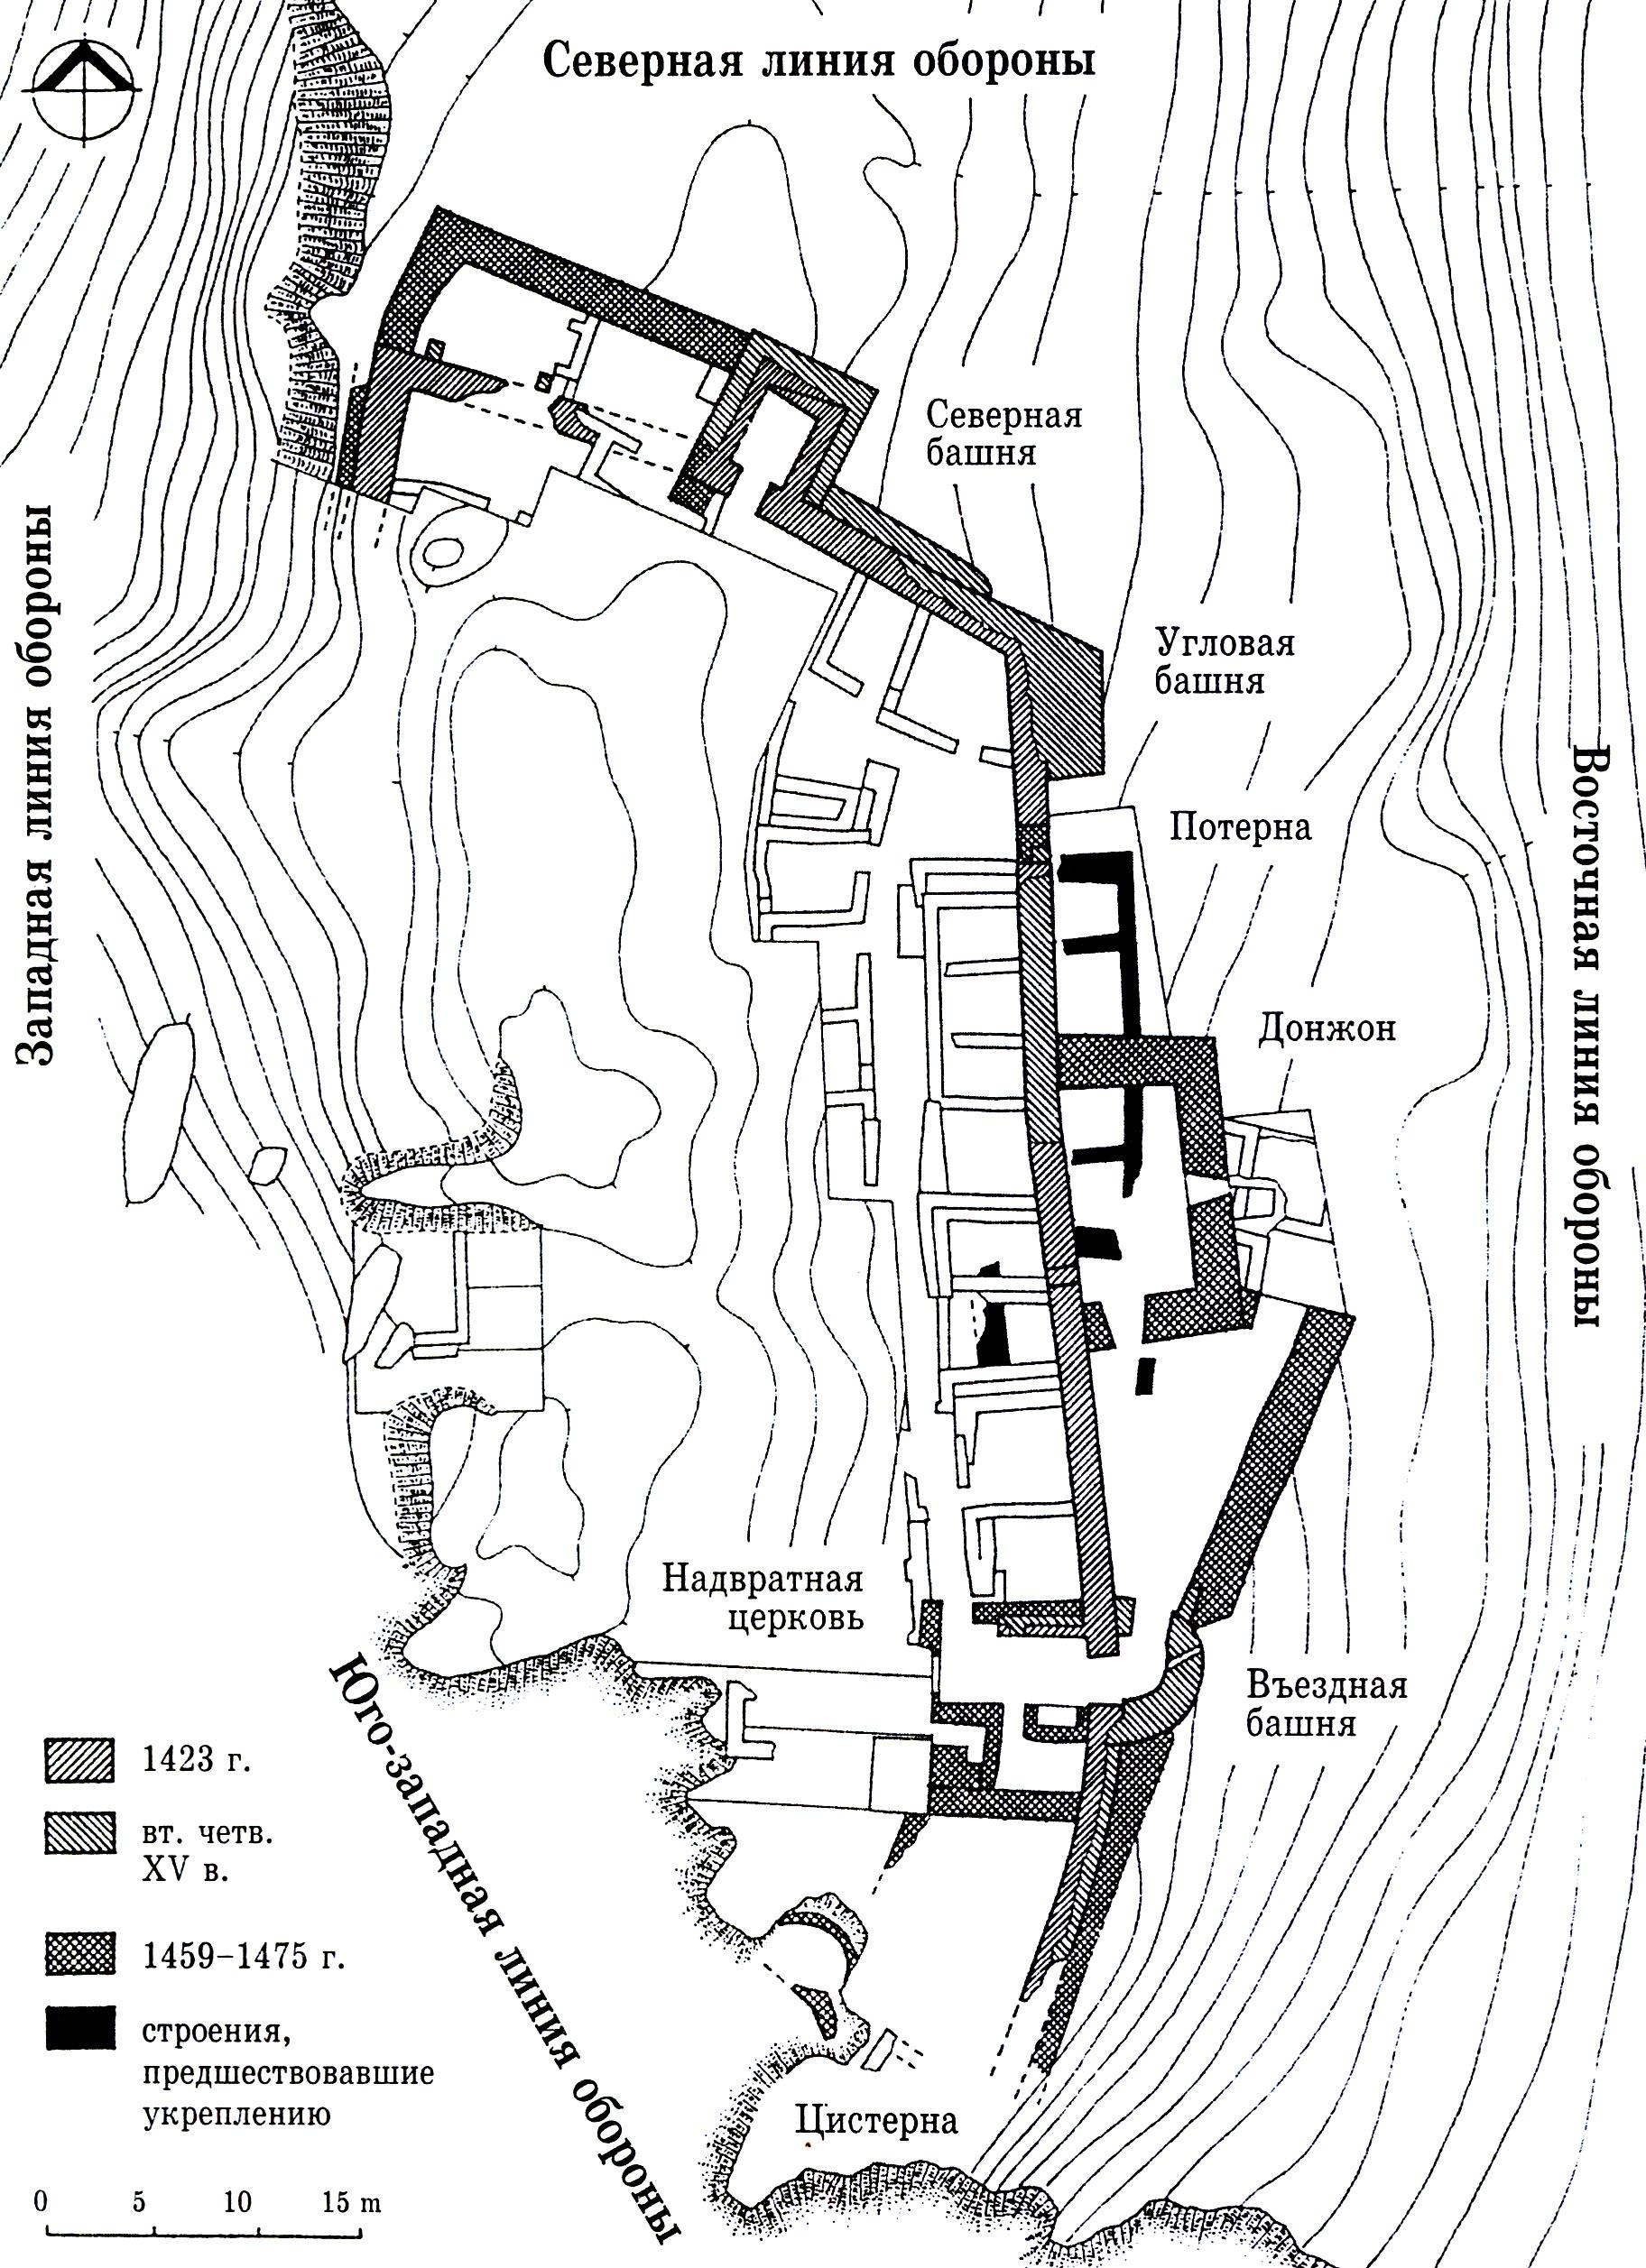 Рис. 2. Картограмма строительных периодов оборонительных сооружений укрепления.